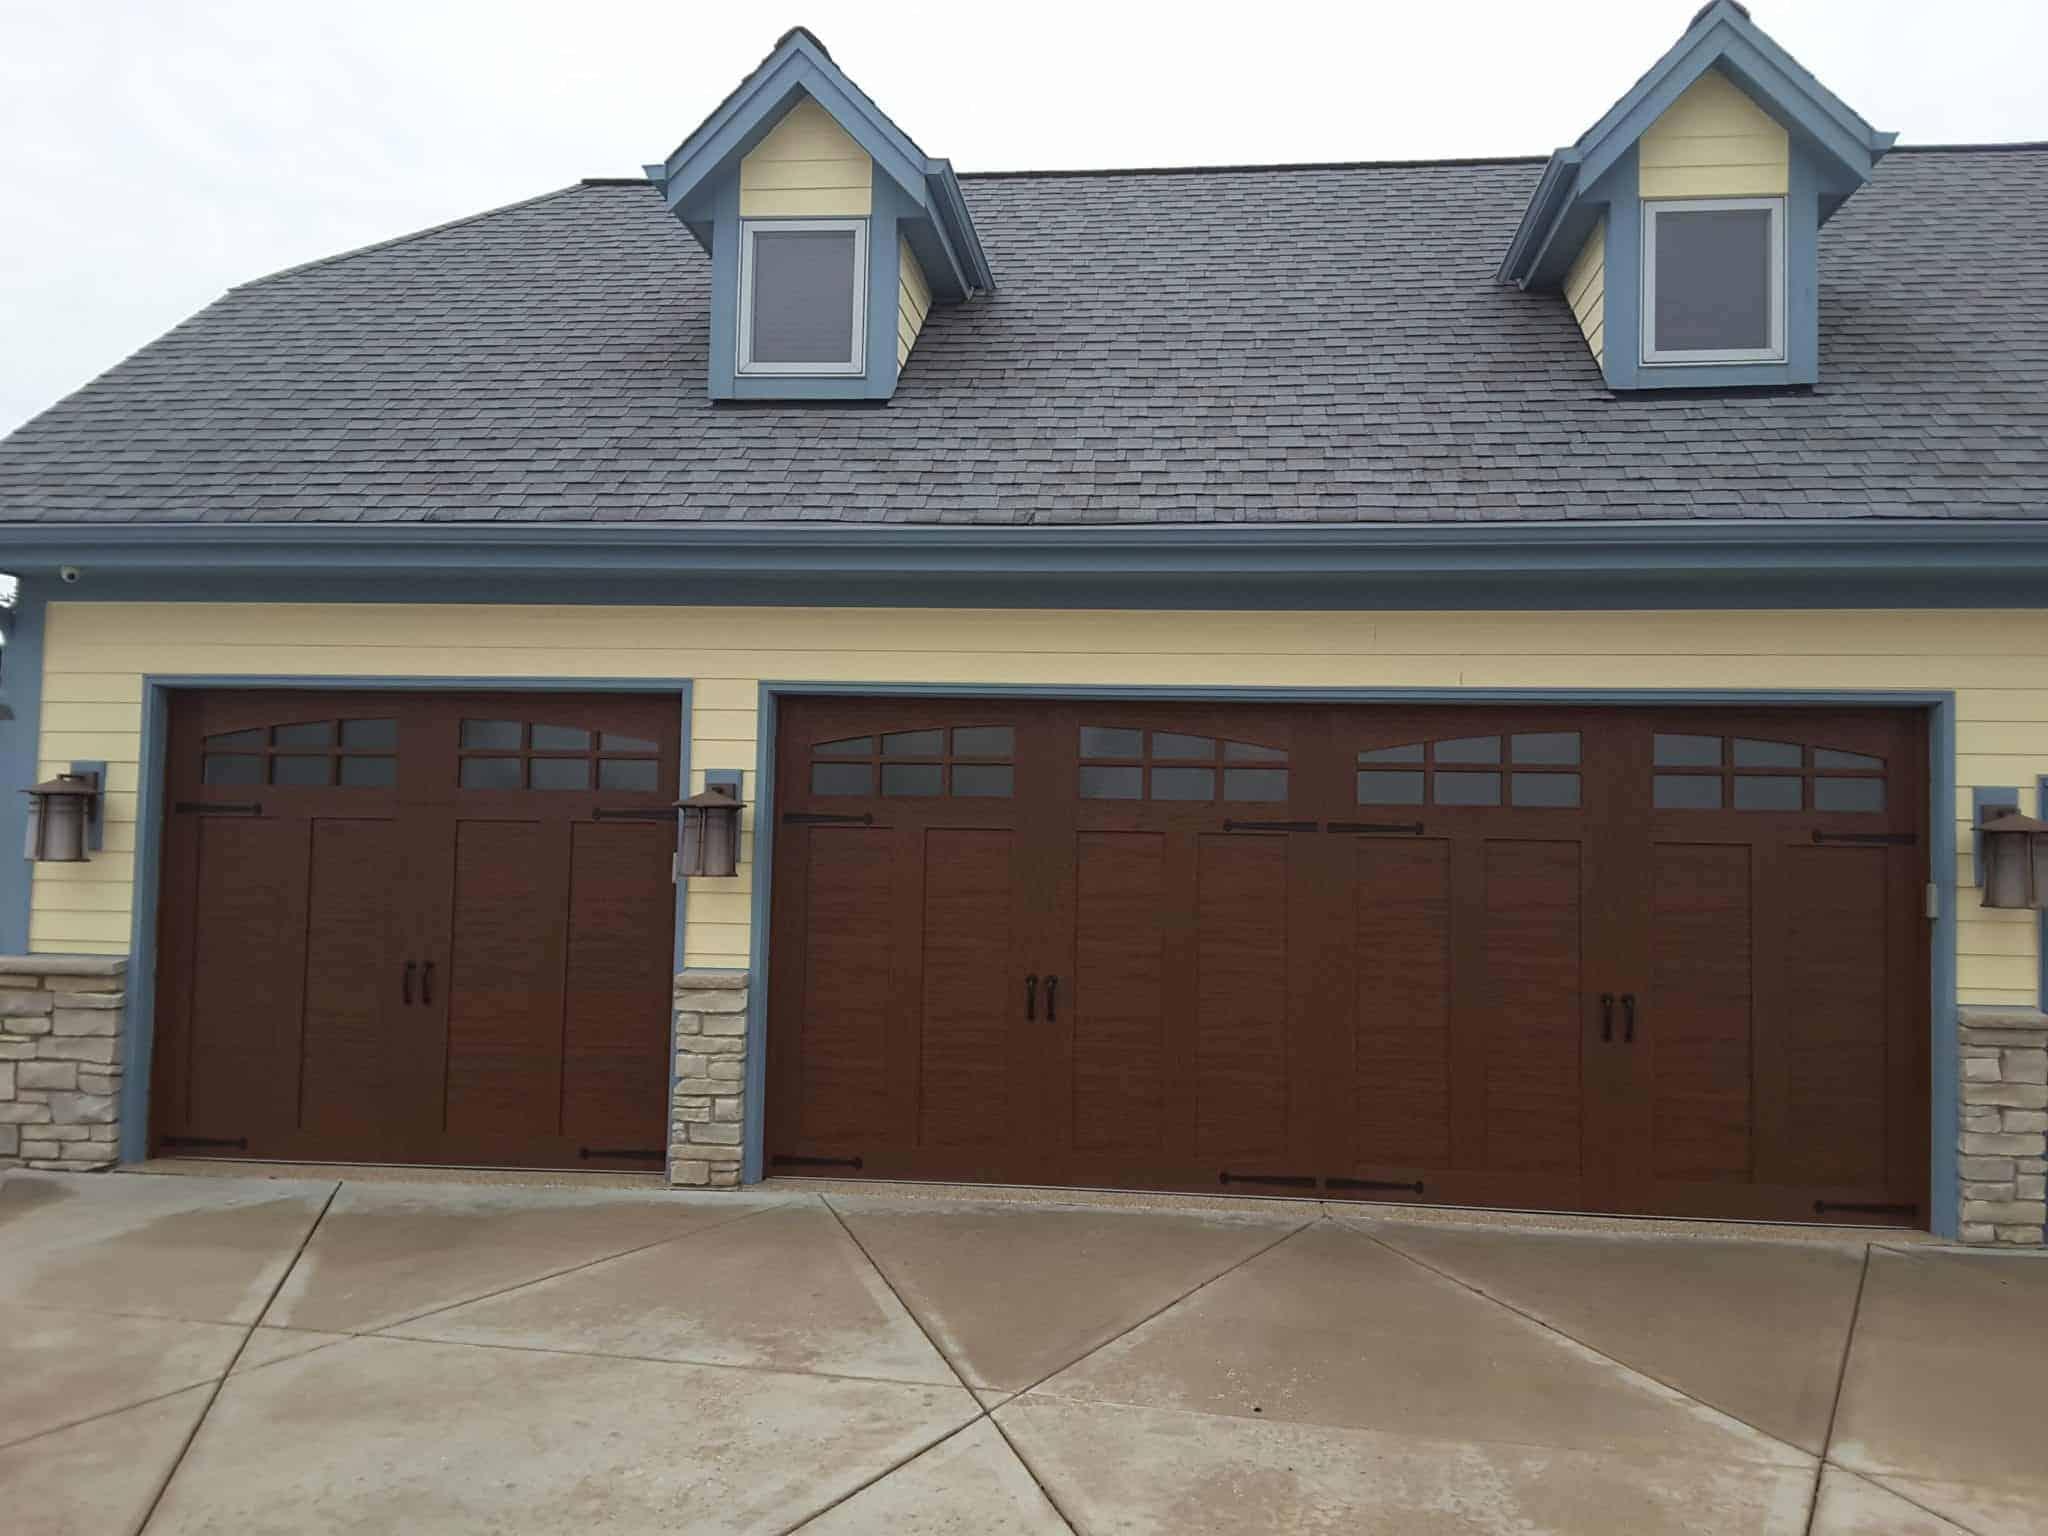 La Canada Flintridge CA Garage Door Repair & Replacement